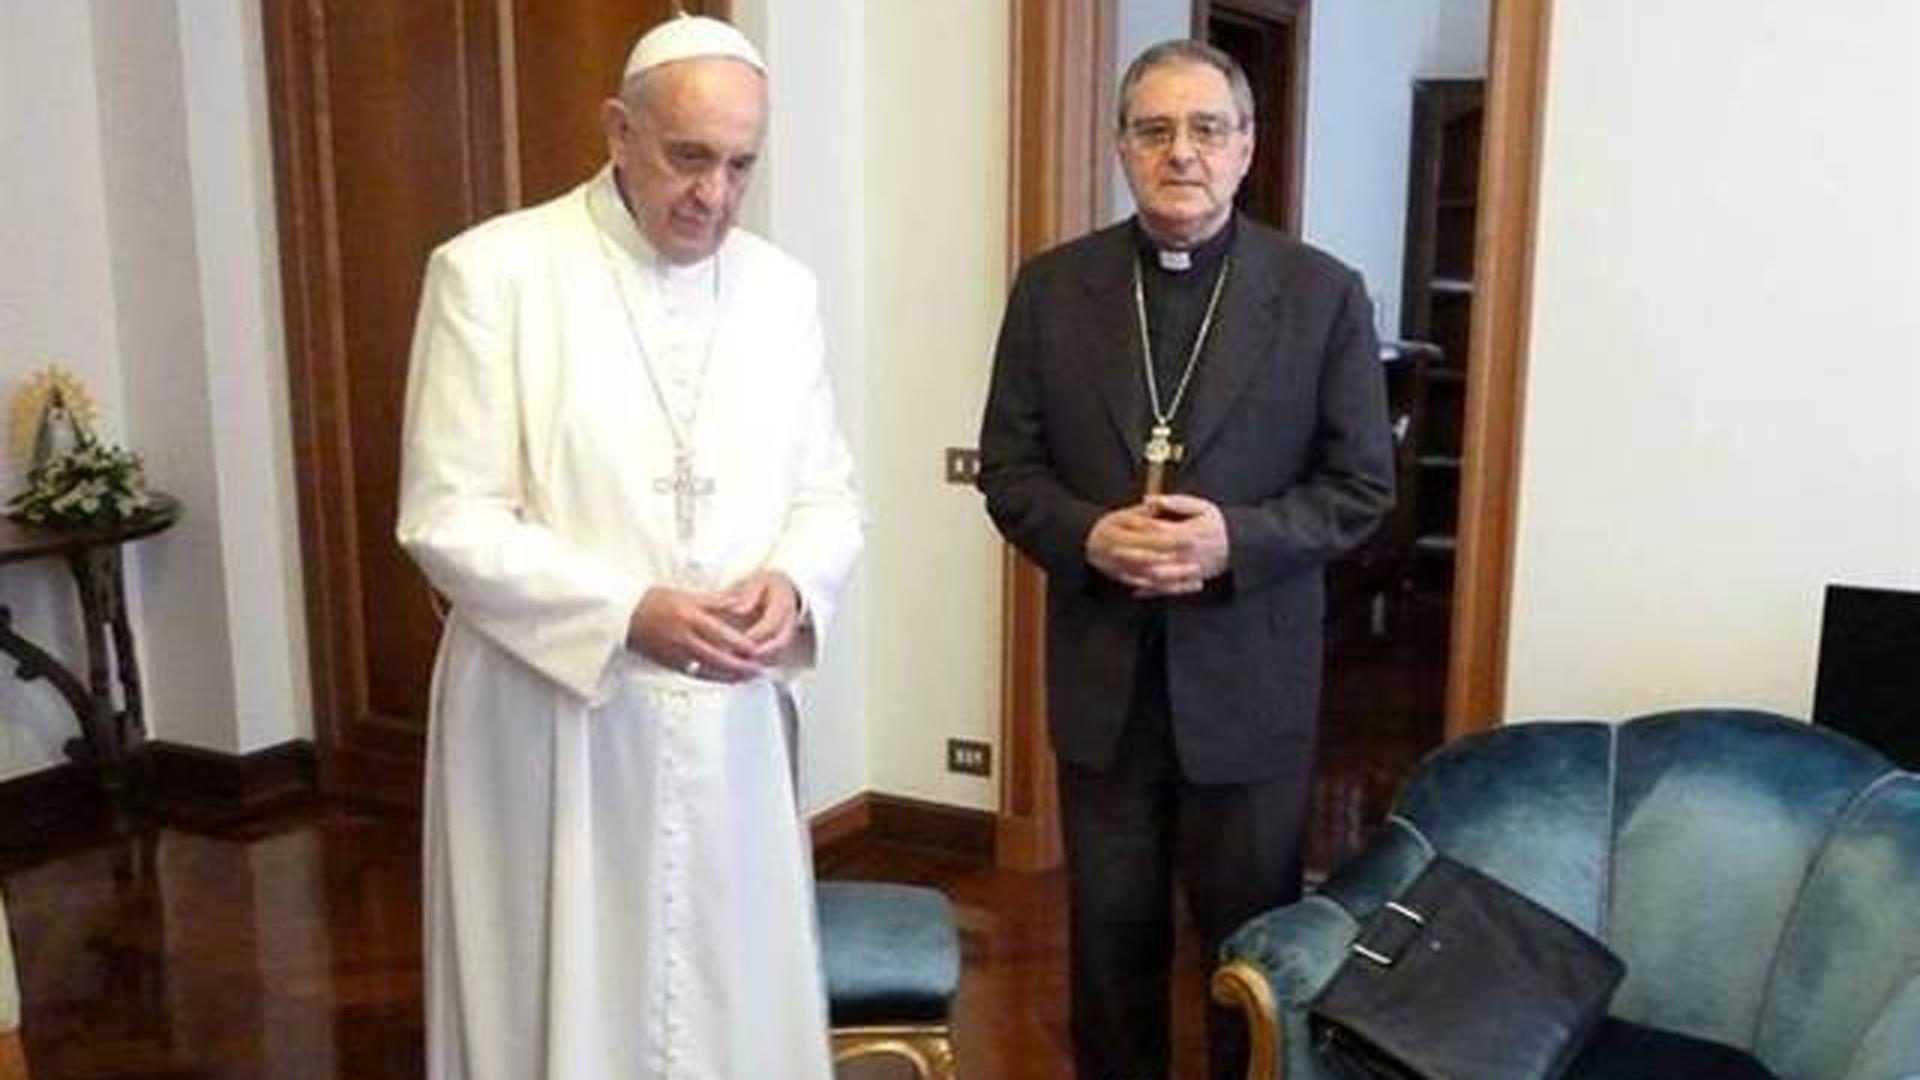 El papa Francisco posa junto a Monseñor Oscar Ojea